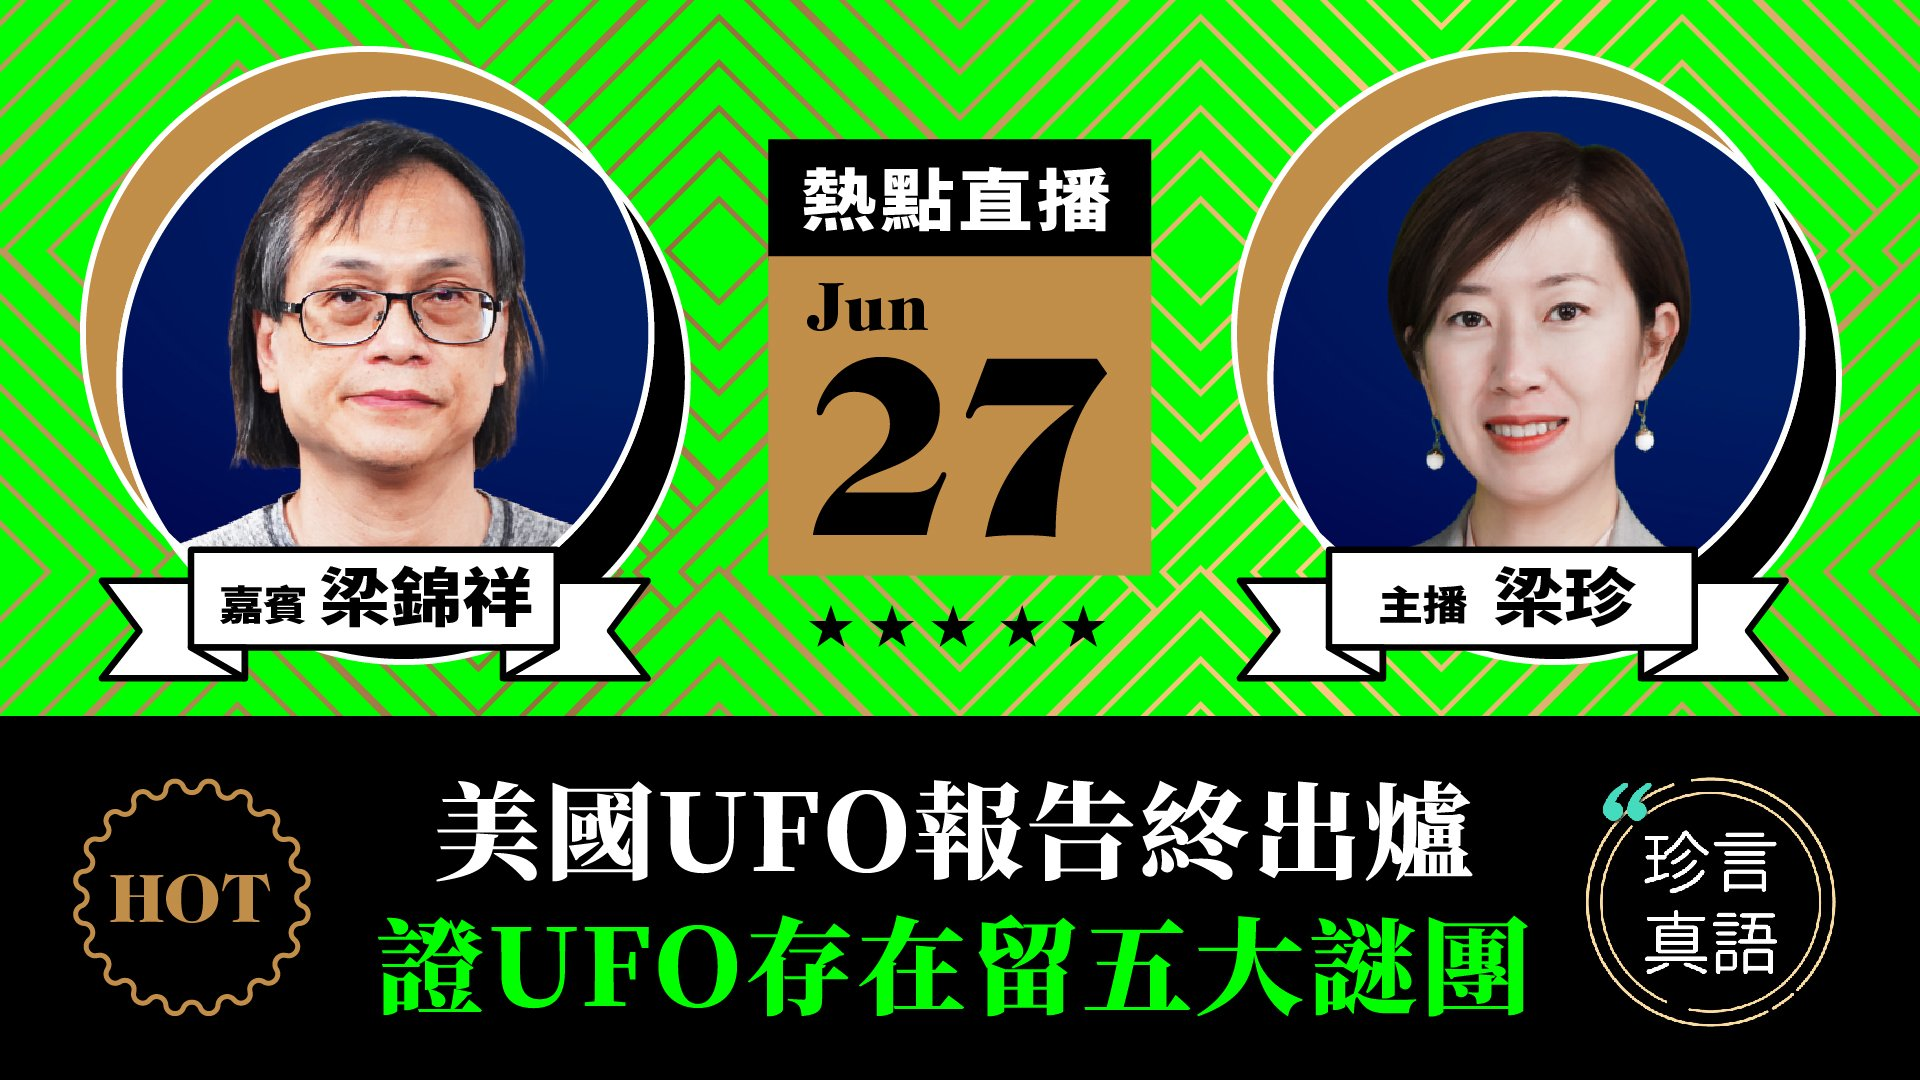 【珍言真語】梁錦祥:美國UFO報告終出爐 證UFO存在留五大謎團 (大紀元製圖)